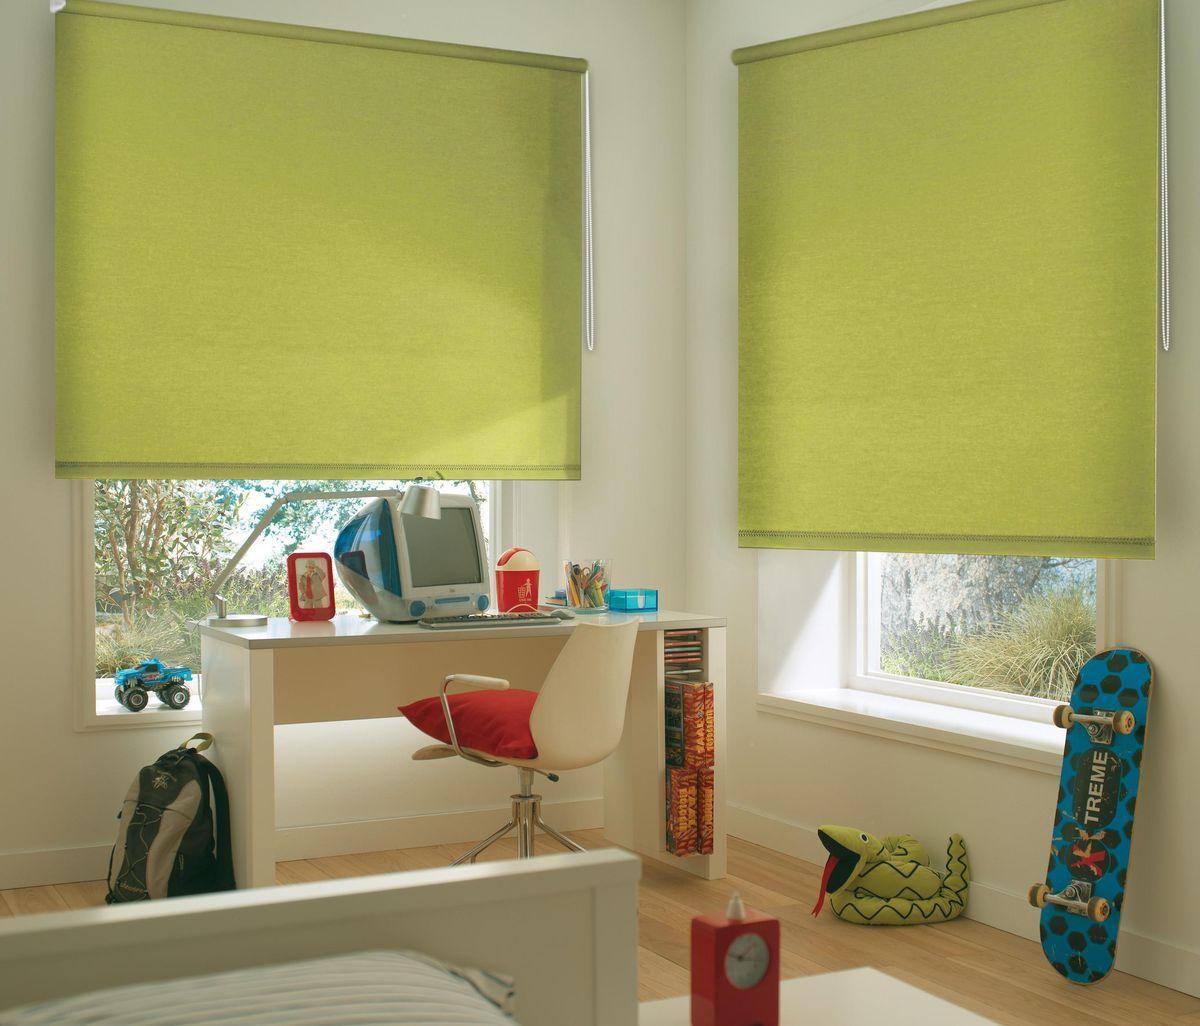 Штора рулонная Эскар, цвет: салатовый, ширина 150 см, высота 170 см96515412Рулонными шторами можно оформлять окна как самостоятельно, так и использовать в комбинации с портьерами. Это поможет предотвратить выгорание дорогой ткани на солнце и соединит функционал рулонных с красотой навесных.Преимущества применения рулонных штор для пластиковых окон:- имеют прекрасный внешний вид: многообразие и фактурность материала изделия отлично смотрятся в любом интерьере; - многофункциональны: есть возможность подобрать шторы способные эффективно защитить комнату от солнца, при этом о на не будет слишком темной. - Есть возможность осуществить быстрый монтаж. ВНИМАНИЕ! Размеры ширины изделия указаны по ширине ткани!Во время эксплуатации не рекомендуется полностью разматывать рулон, чтобы не оторвать ткань от намоточного вала.В случае загрязнения поверхности ткани, чистку шторы проводят одним из способов, в зависимости от типа загрязнения: легкое поверхностное загрязнение можно удалить при помощи канцелярского ластика; чистка от пыли производится сухим методом при помощи пылесоса с мягкой щеткой-насадкой; для удаления пятна используйте мягкую губку с пенообразующим неагрессивным моющим средством или пятновыводитель на натуральной основе (нельзя применять растворители).